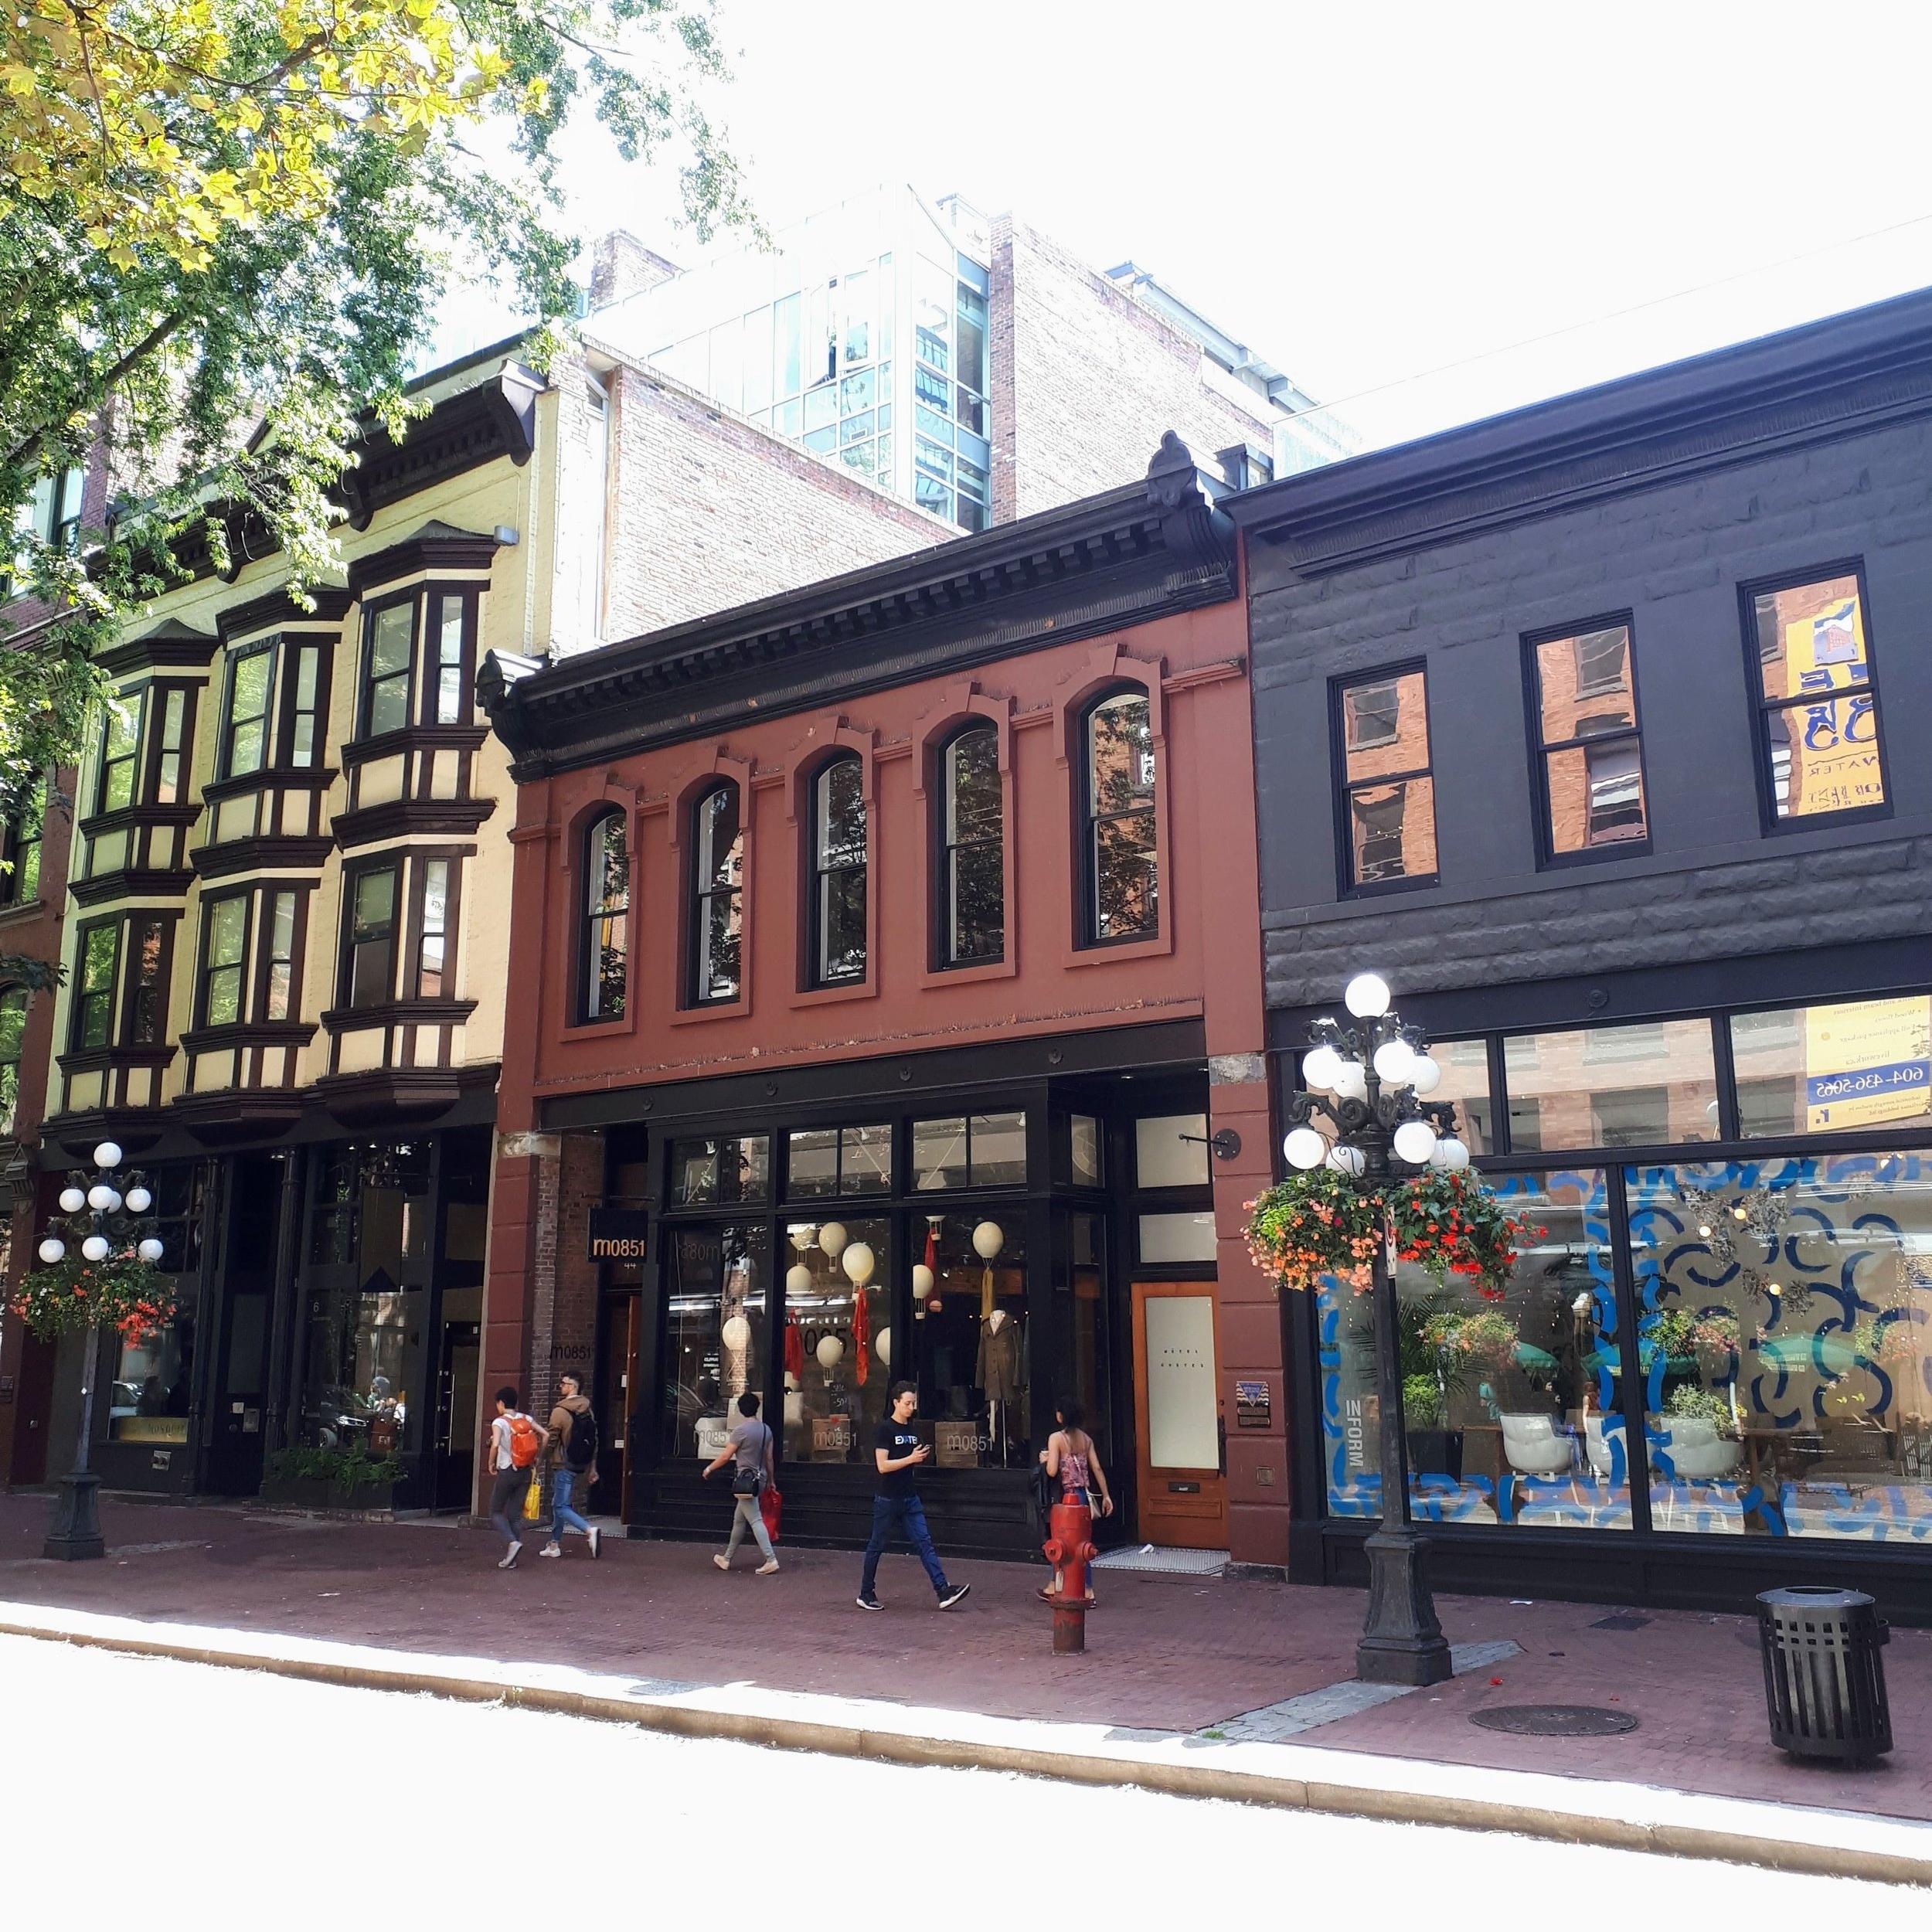 Gastown en Vancouver, BC, Canadá